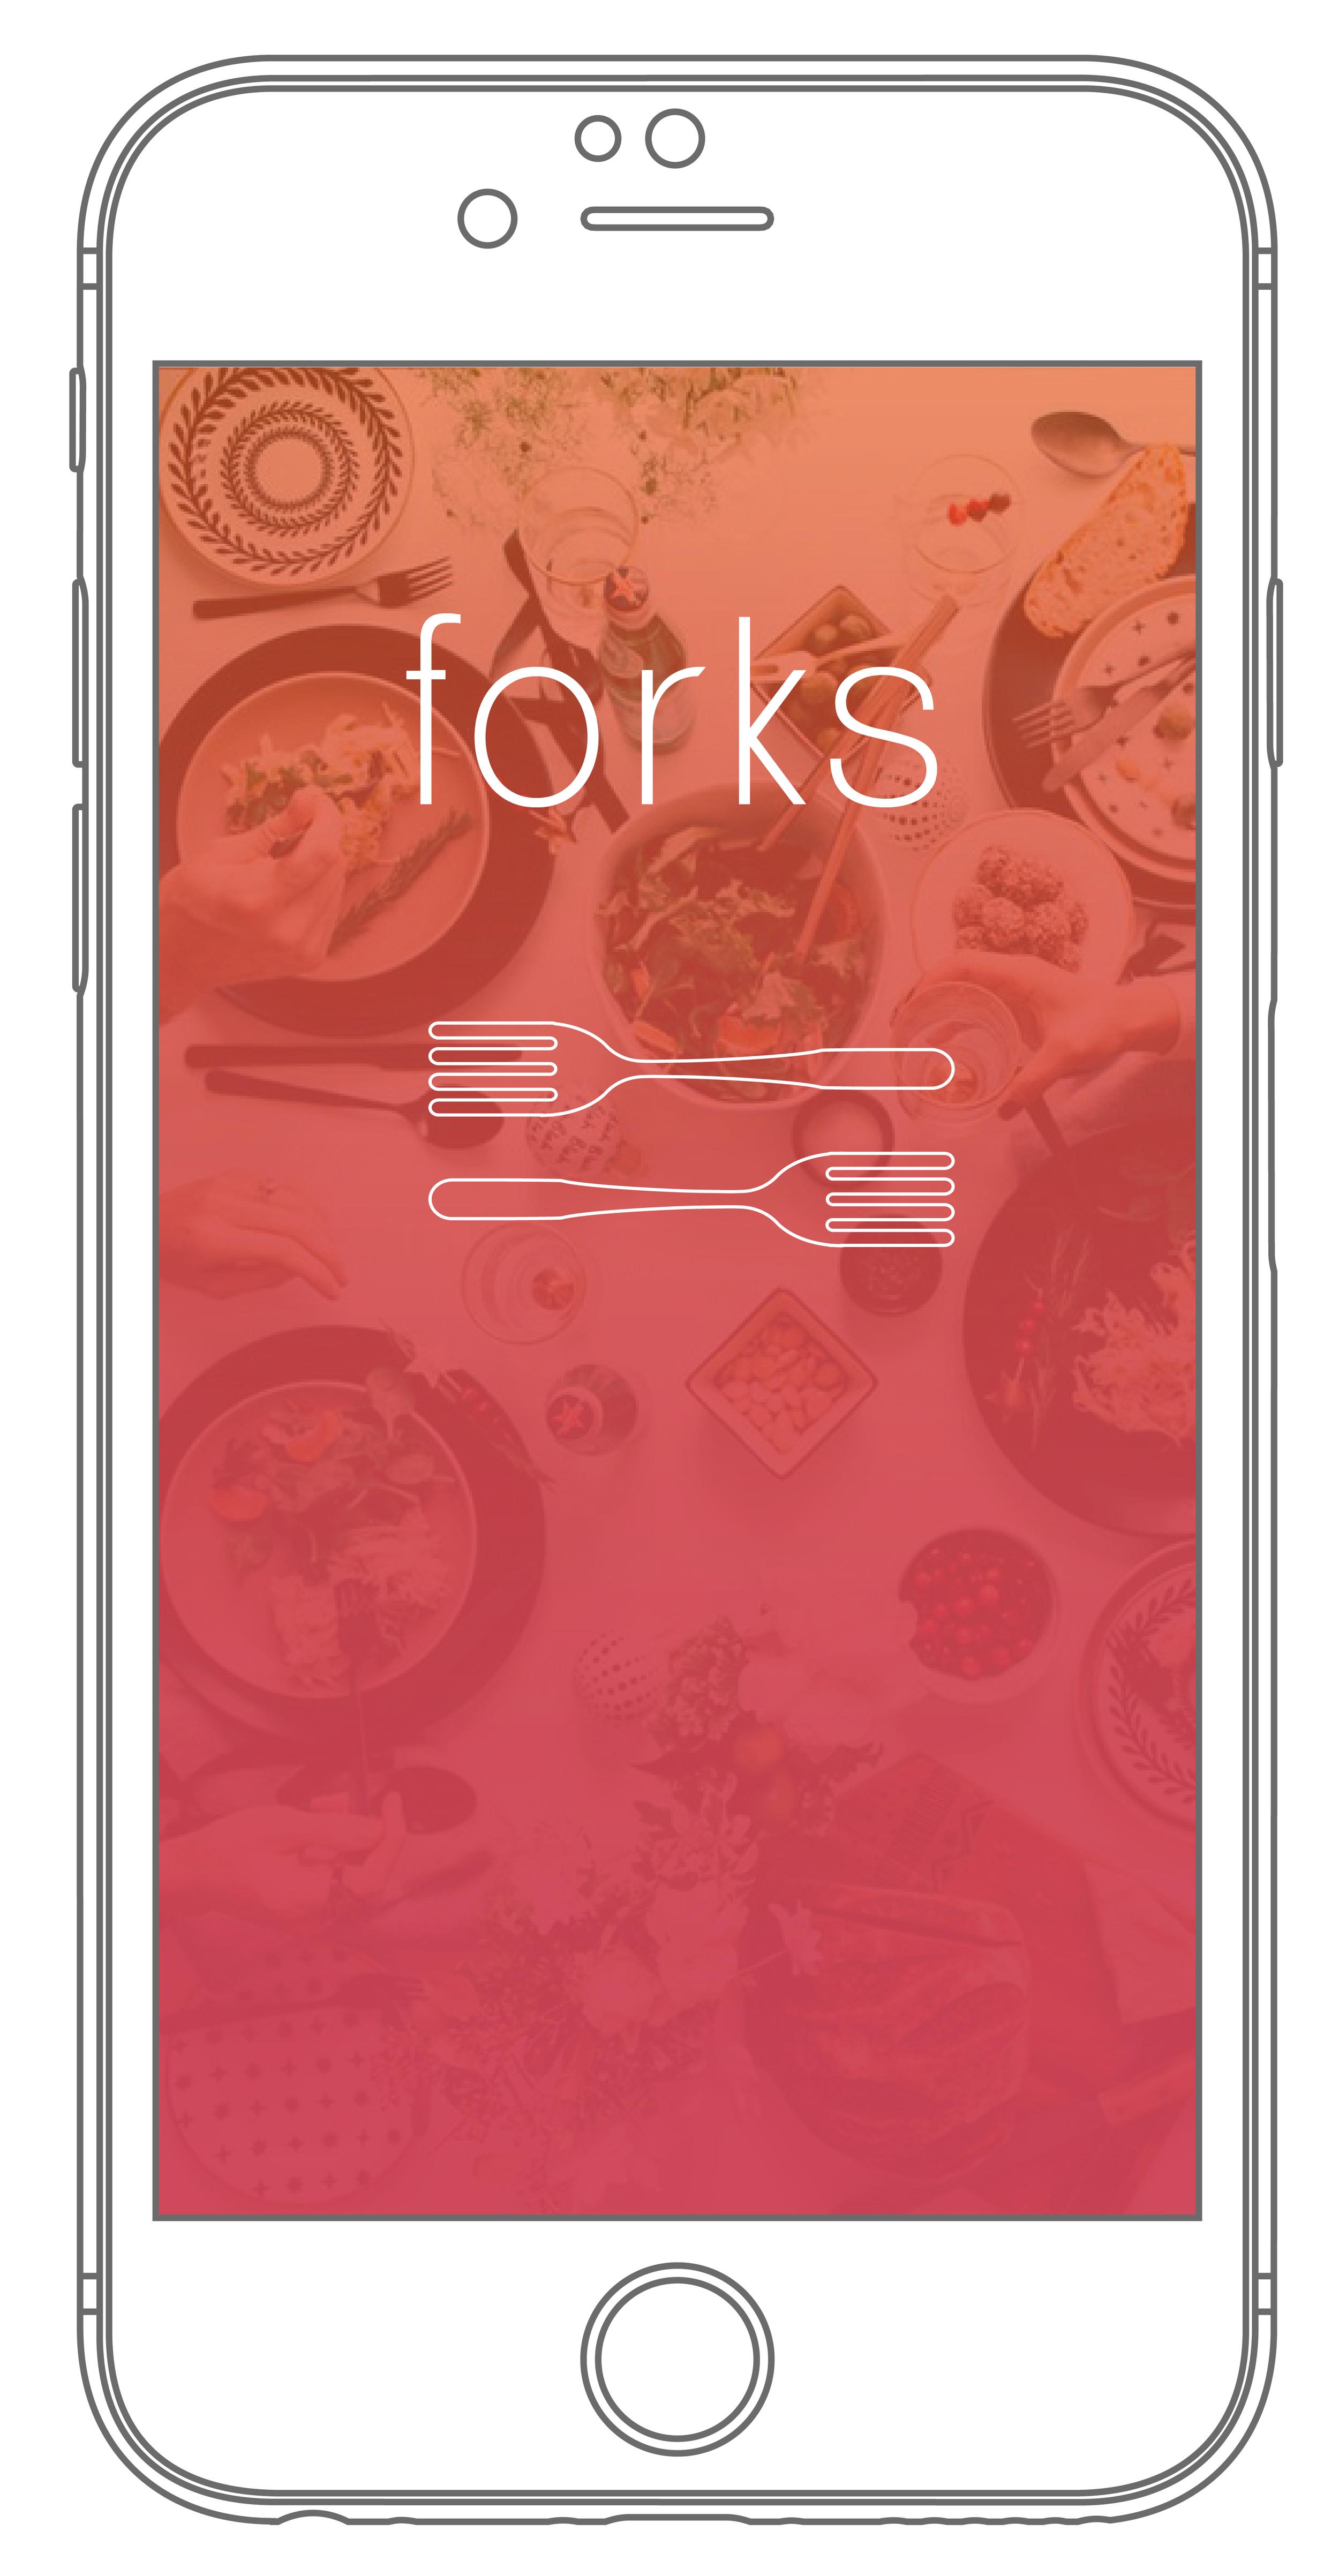 ForksPlatform-01.png